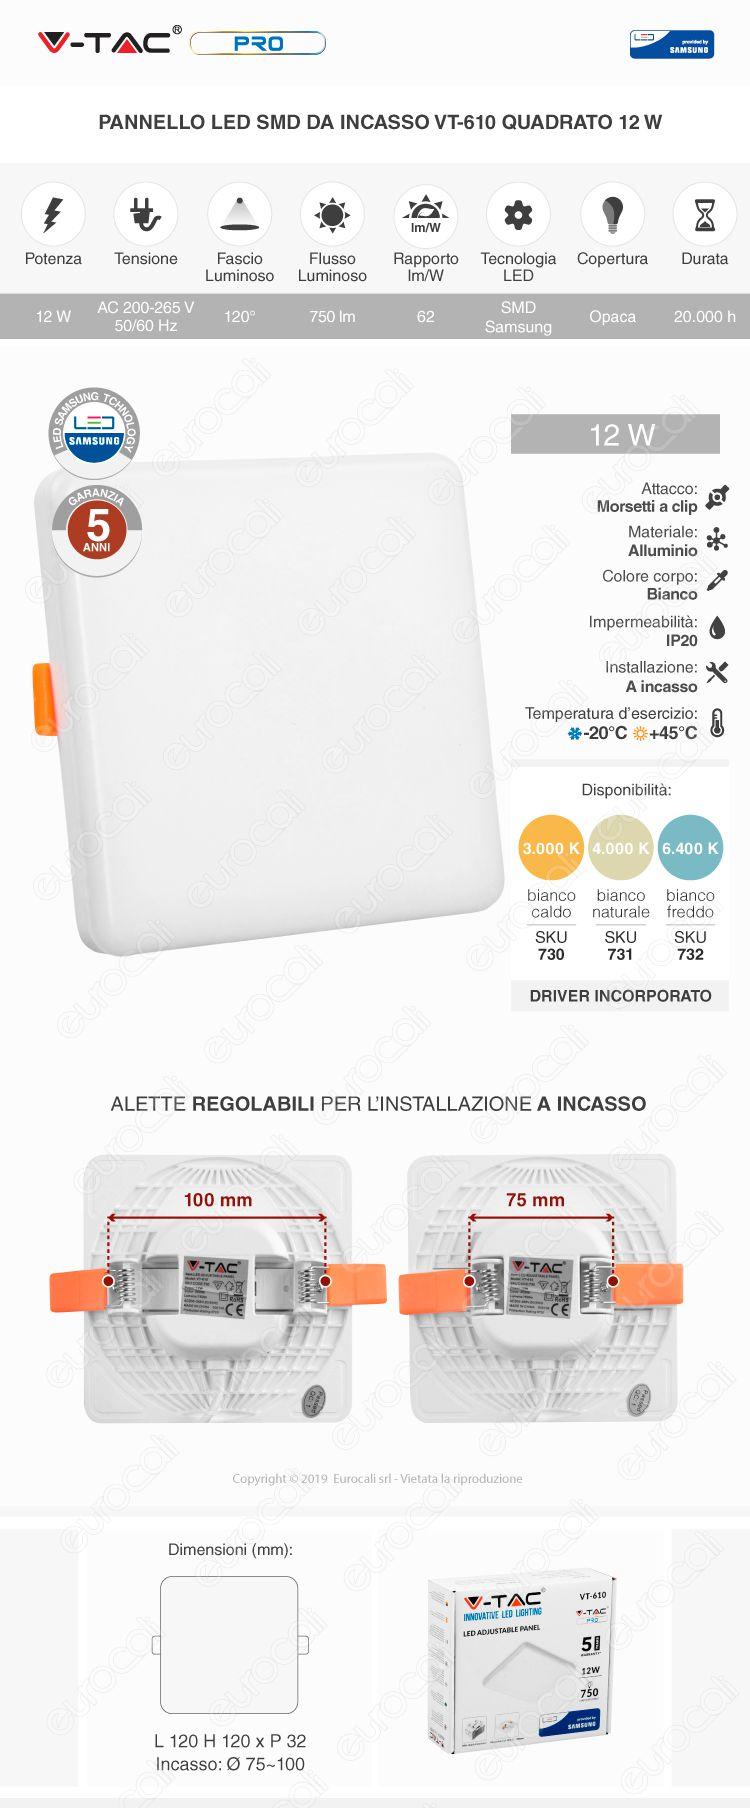 V-Tac PRO VT-610 Pannello LED Quadrato 12W SMD da Incasso Regolabile con Driver con Chip Samsung